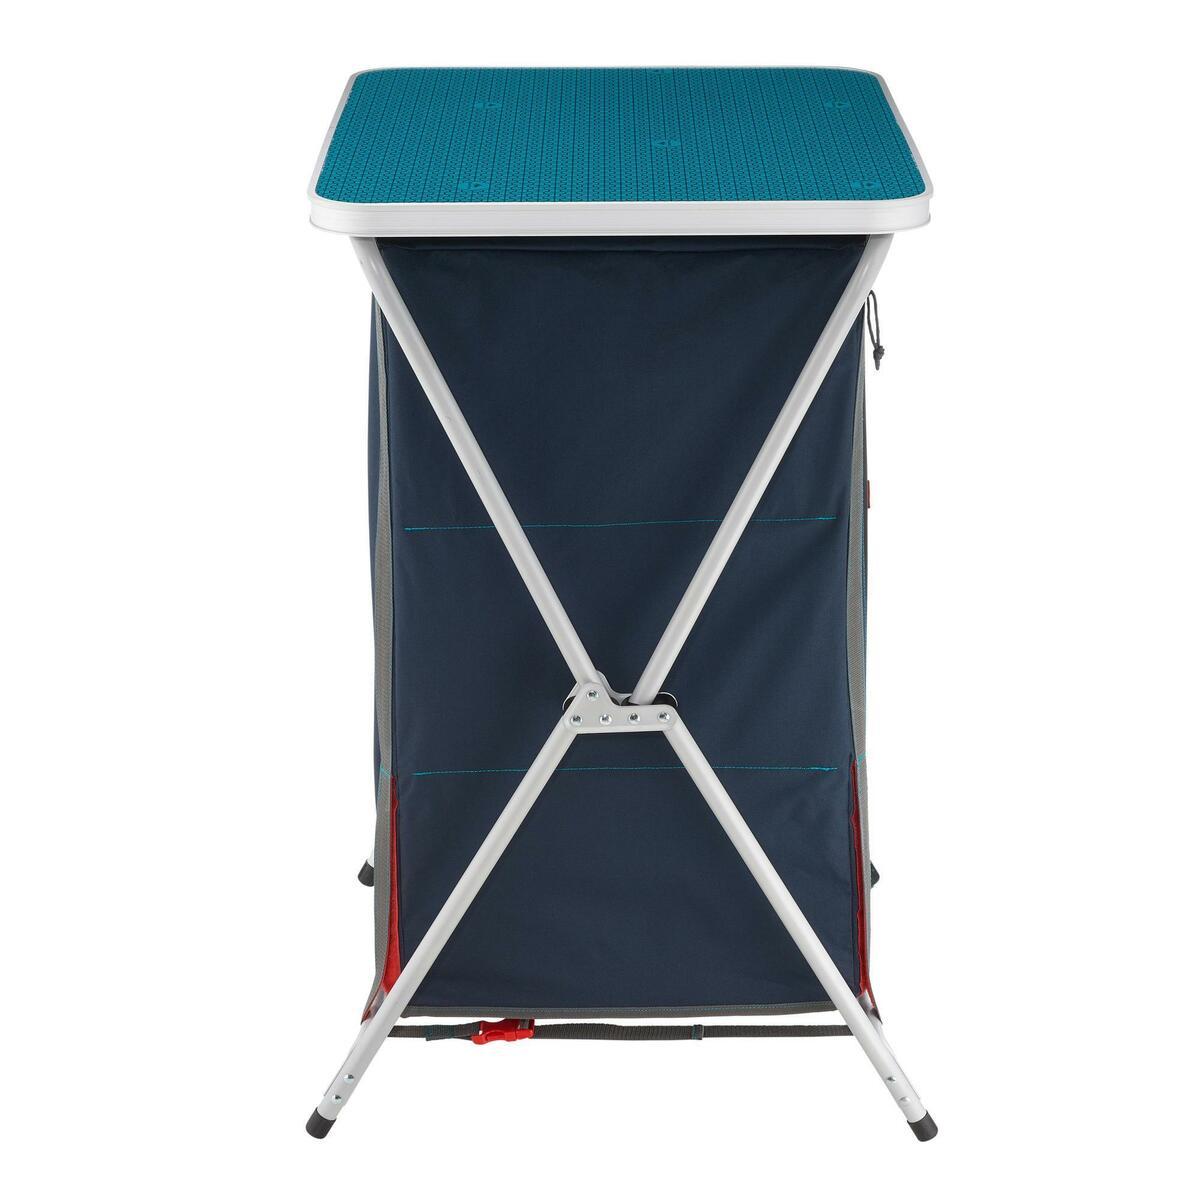 Bild 4 von Camping-Küchenmöbel